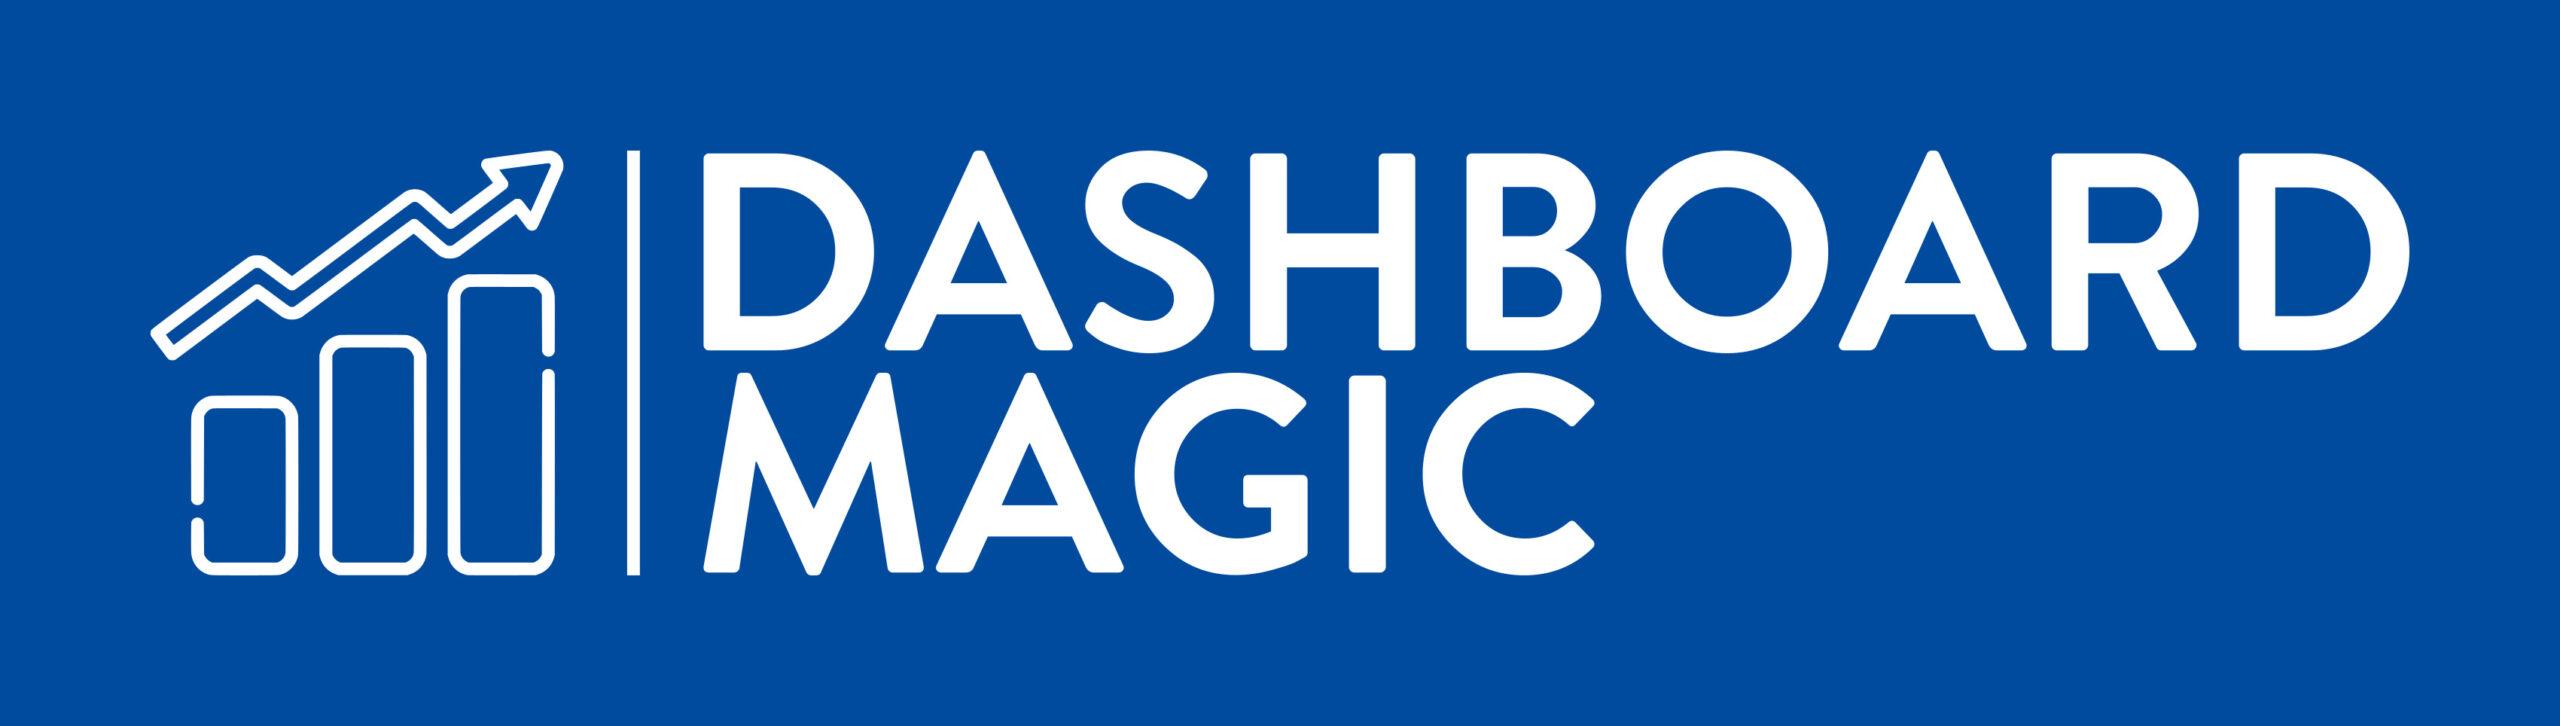 DASHBOARD MAGIC